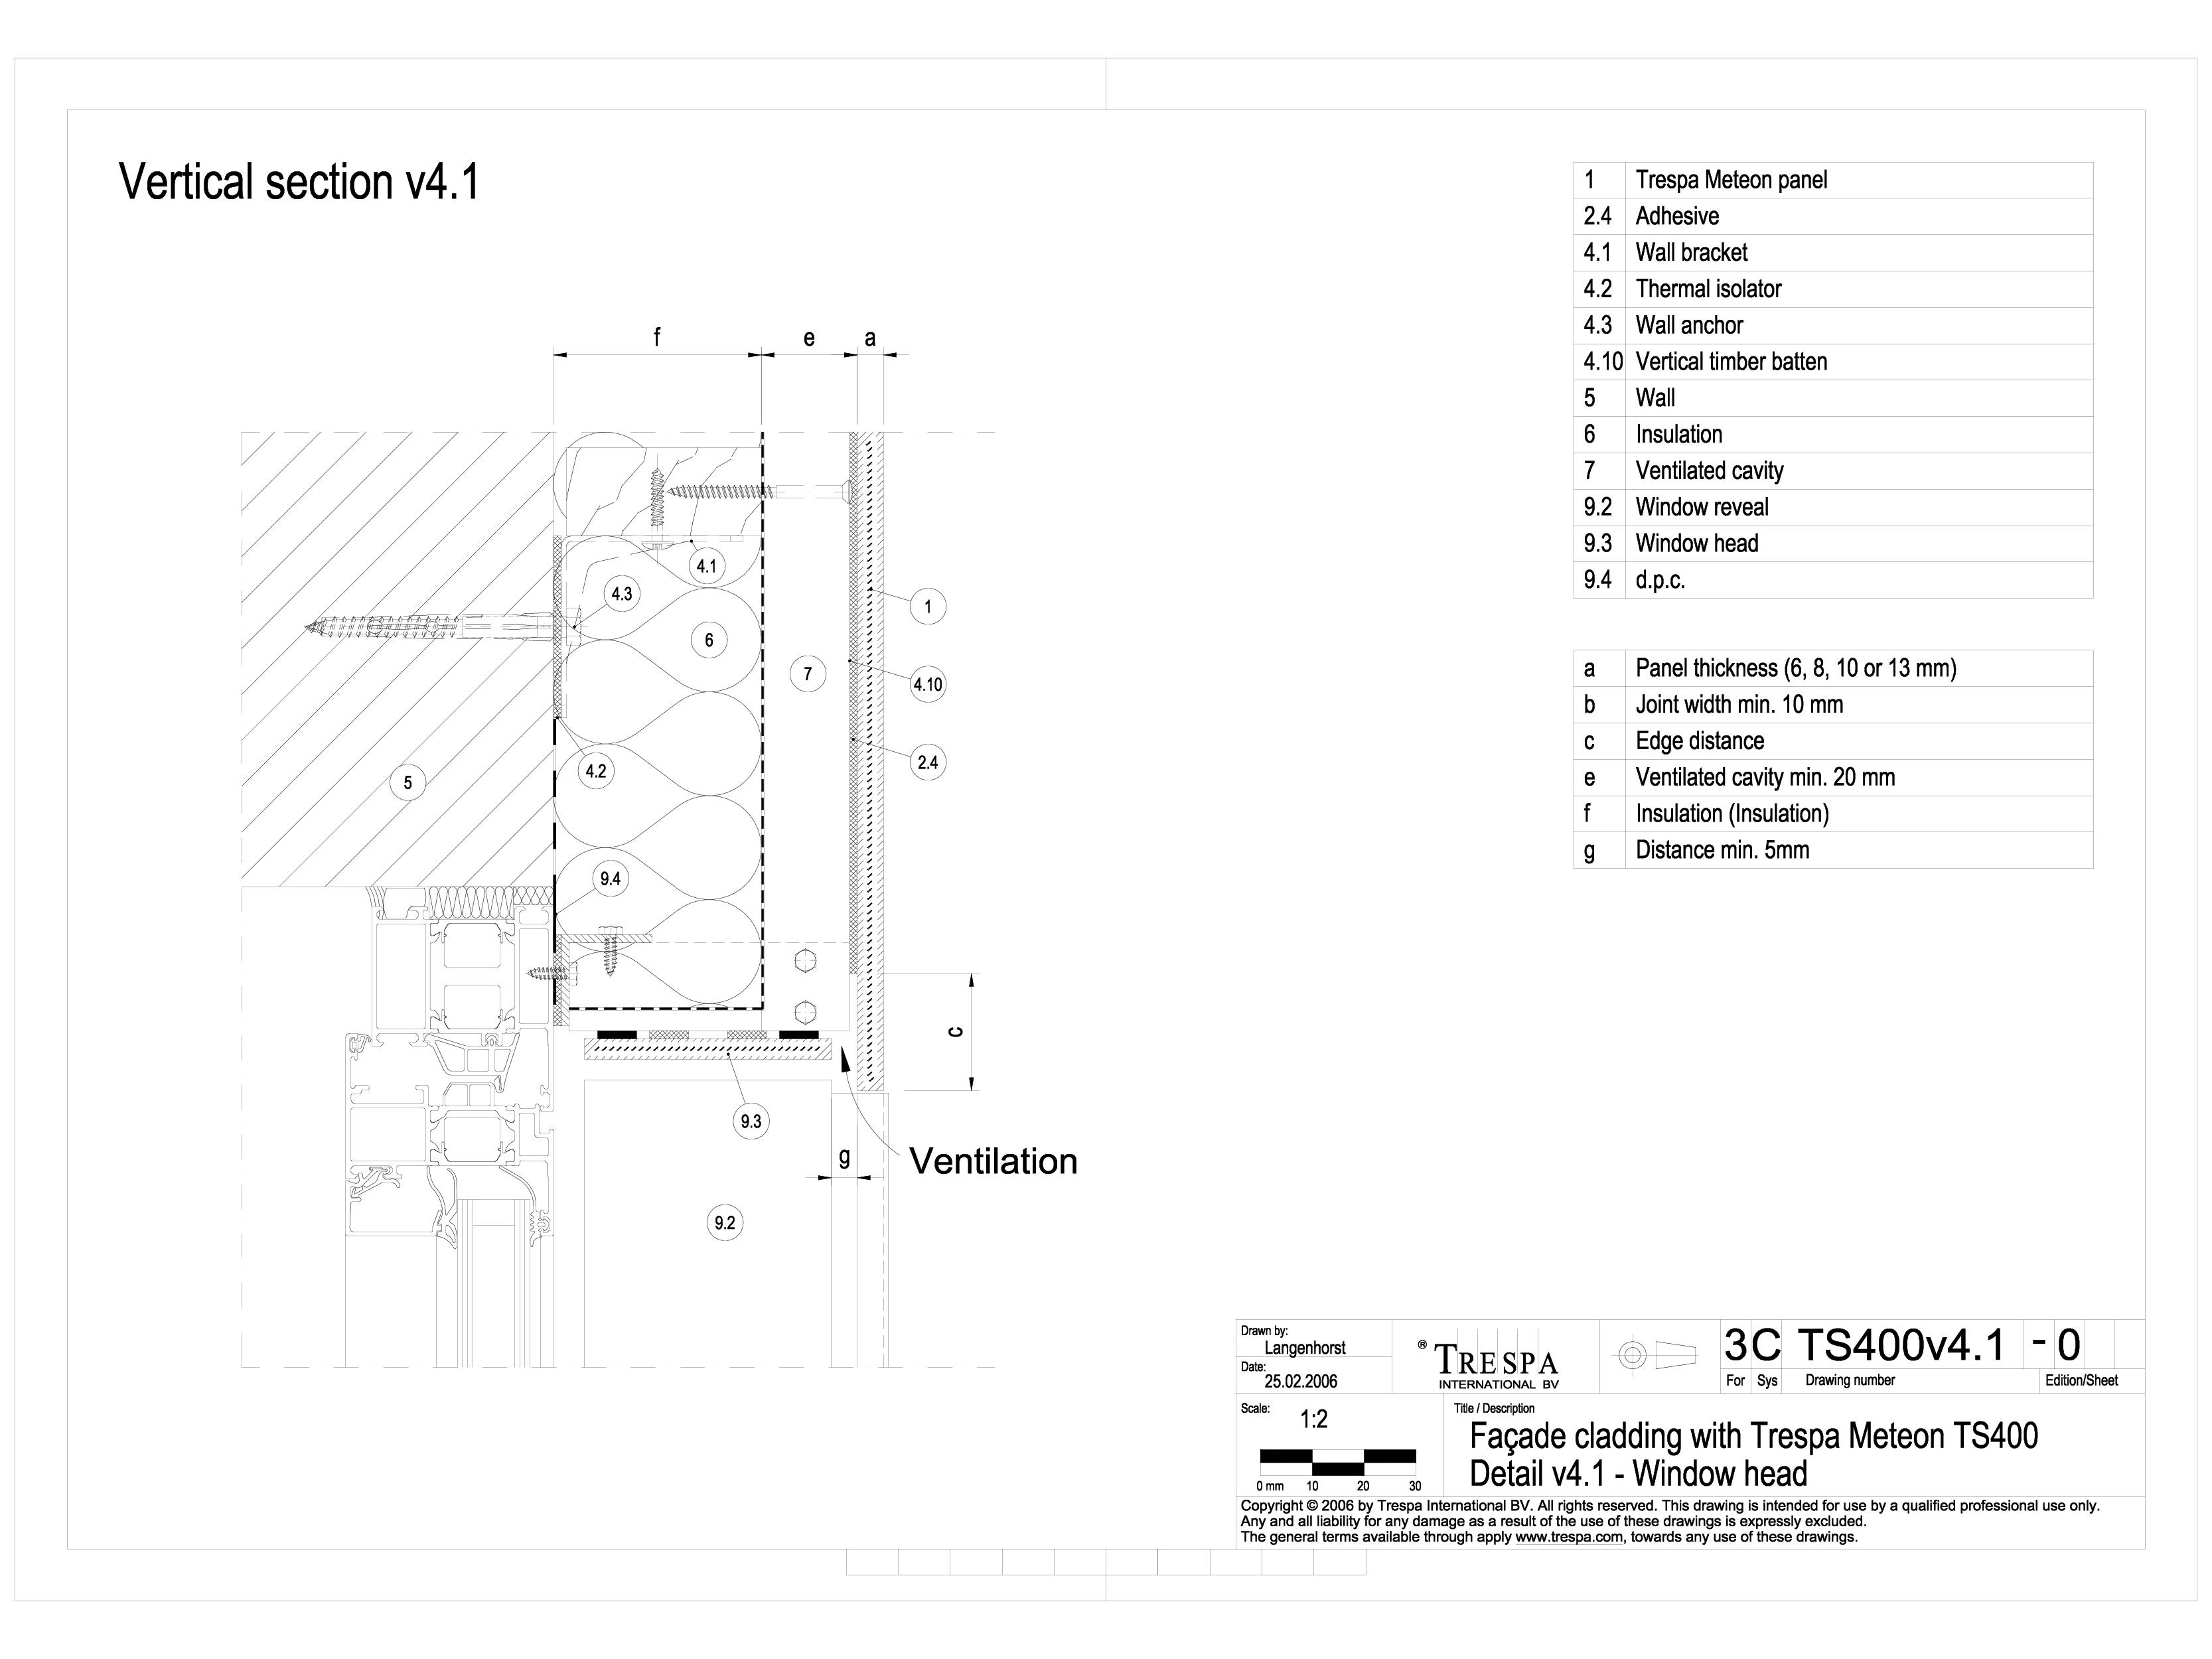 Sisteme de prindere fatade ventilate invizibile cu adeziv si suruburi, detaliu de racordare la fereastra METEON TRESPA Placi HPL pentru fatade ventilate GIBB TECHNOLOGIES  - Pagina 1